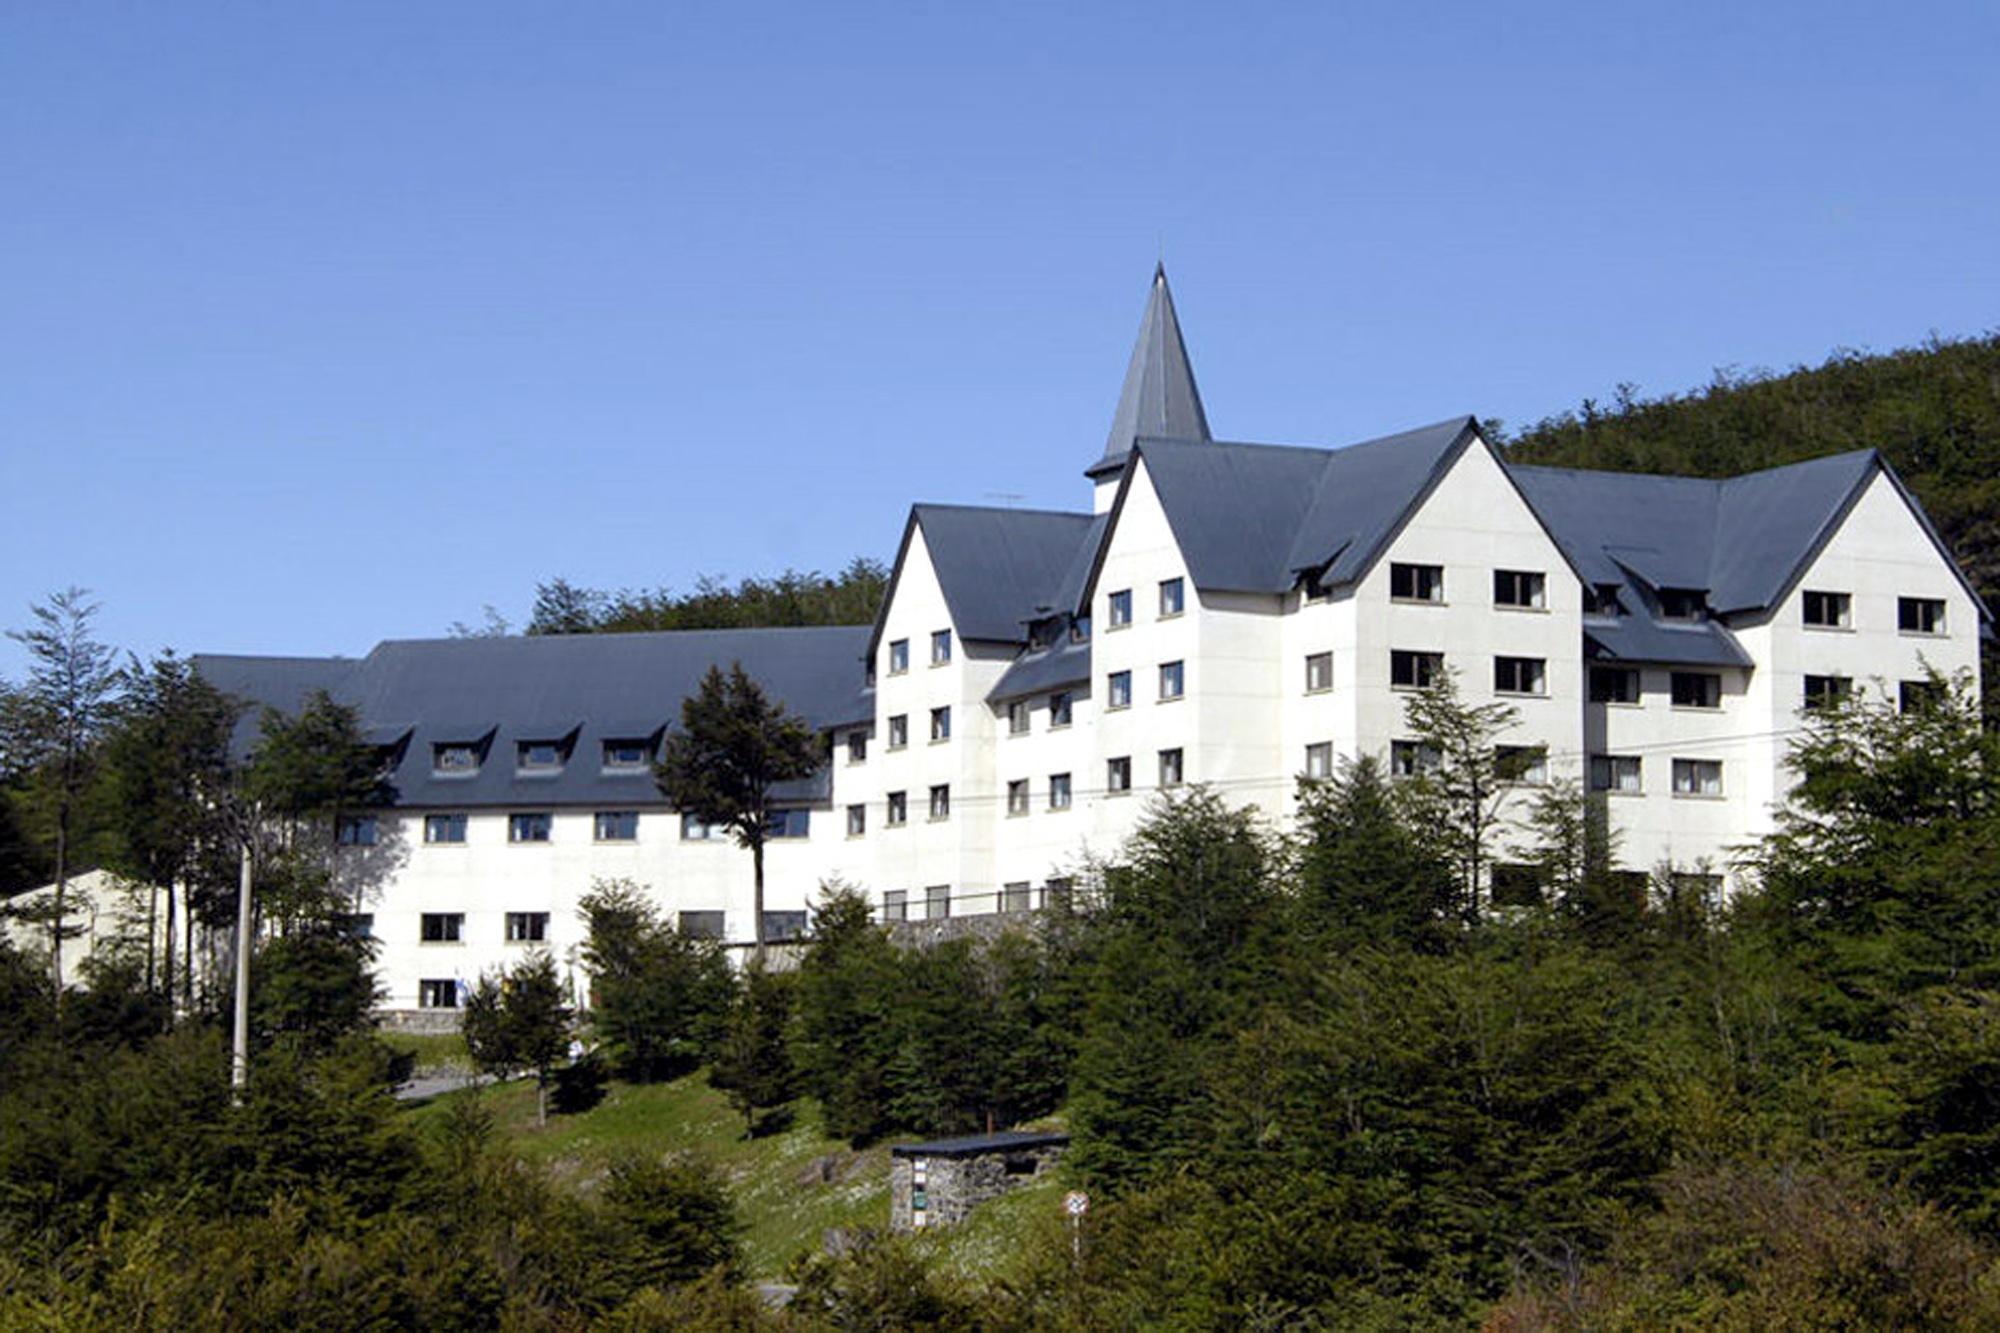 Kirchner quiso comprar otros dos hoteles poco antes de su muerte